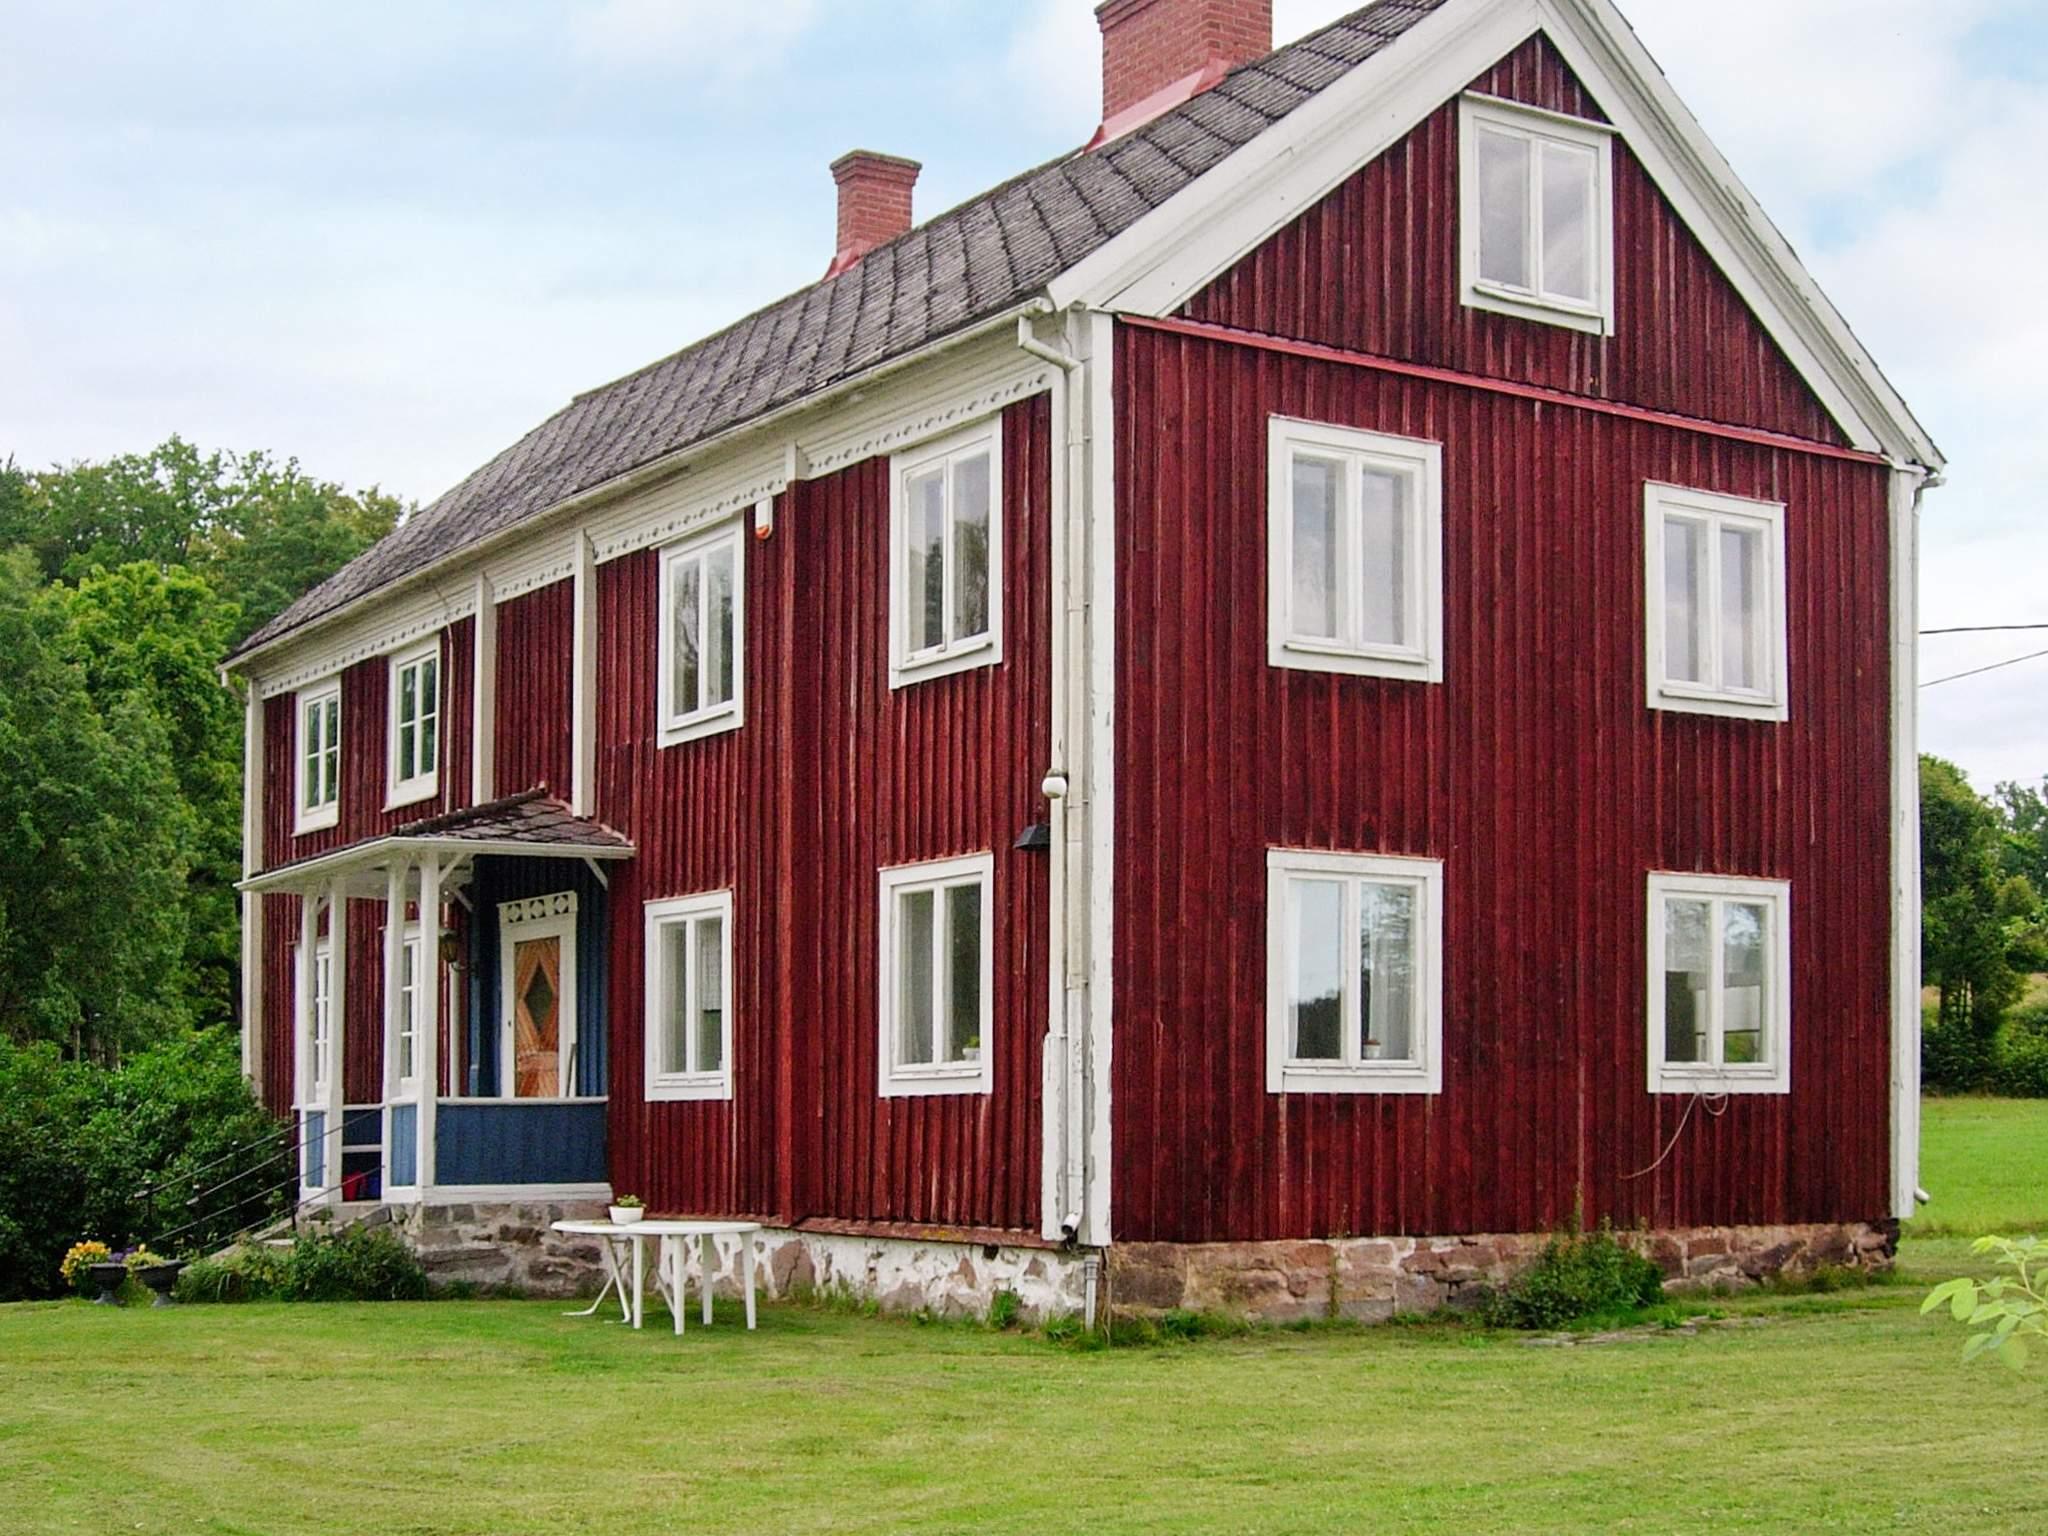 Ferienhaus Olofström (2354678), Olofström, Blekinge län, Südschweden, Schweden, Bild 15